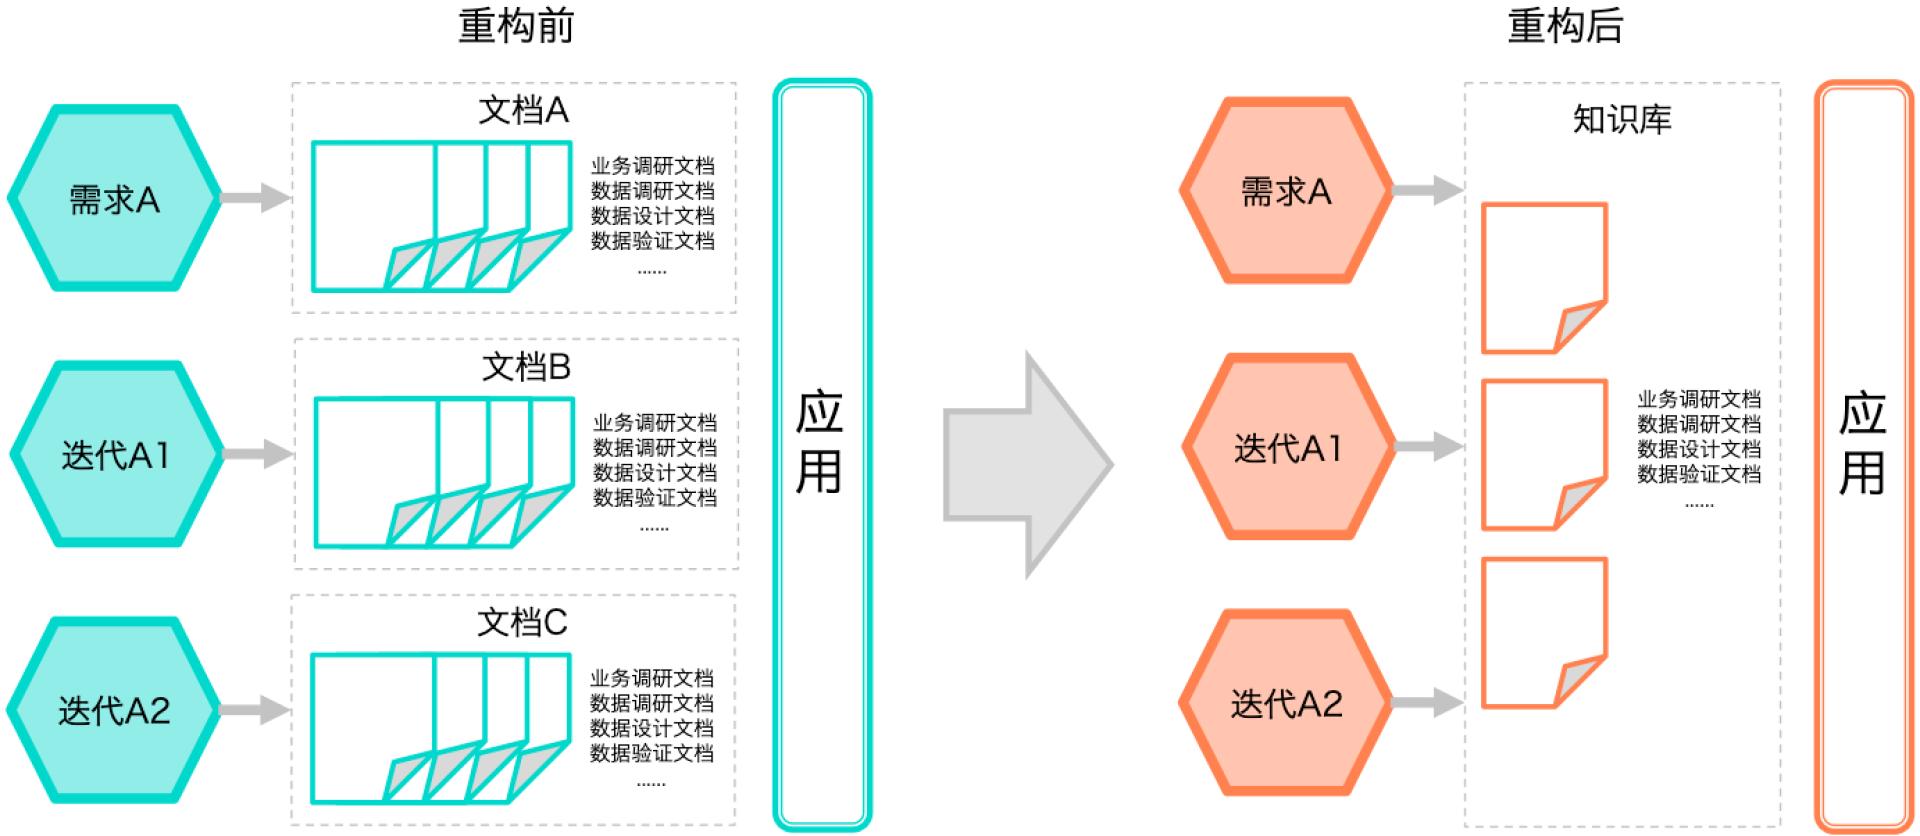 图11 应用归口